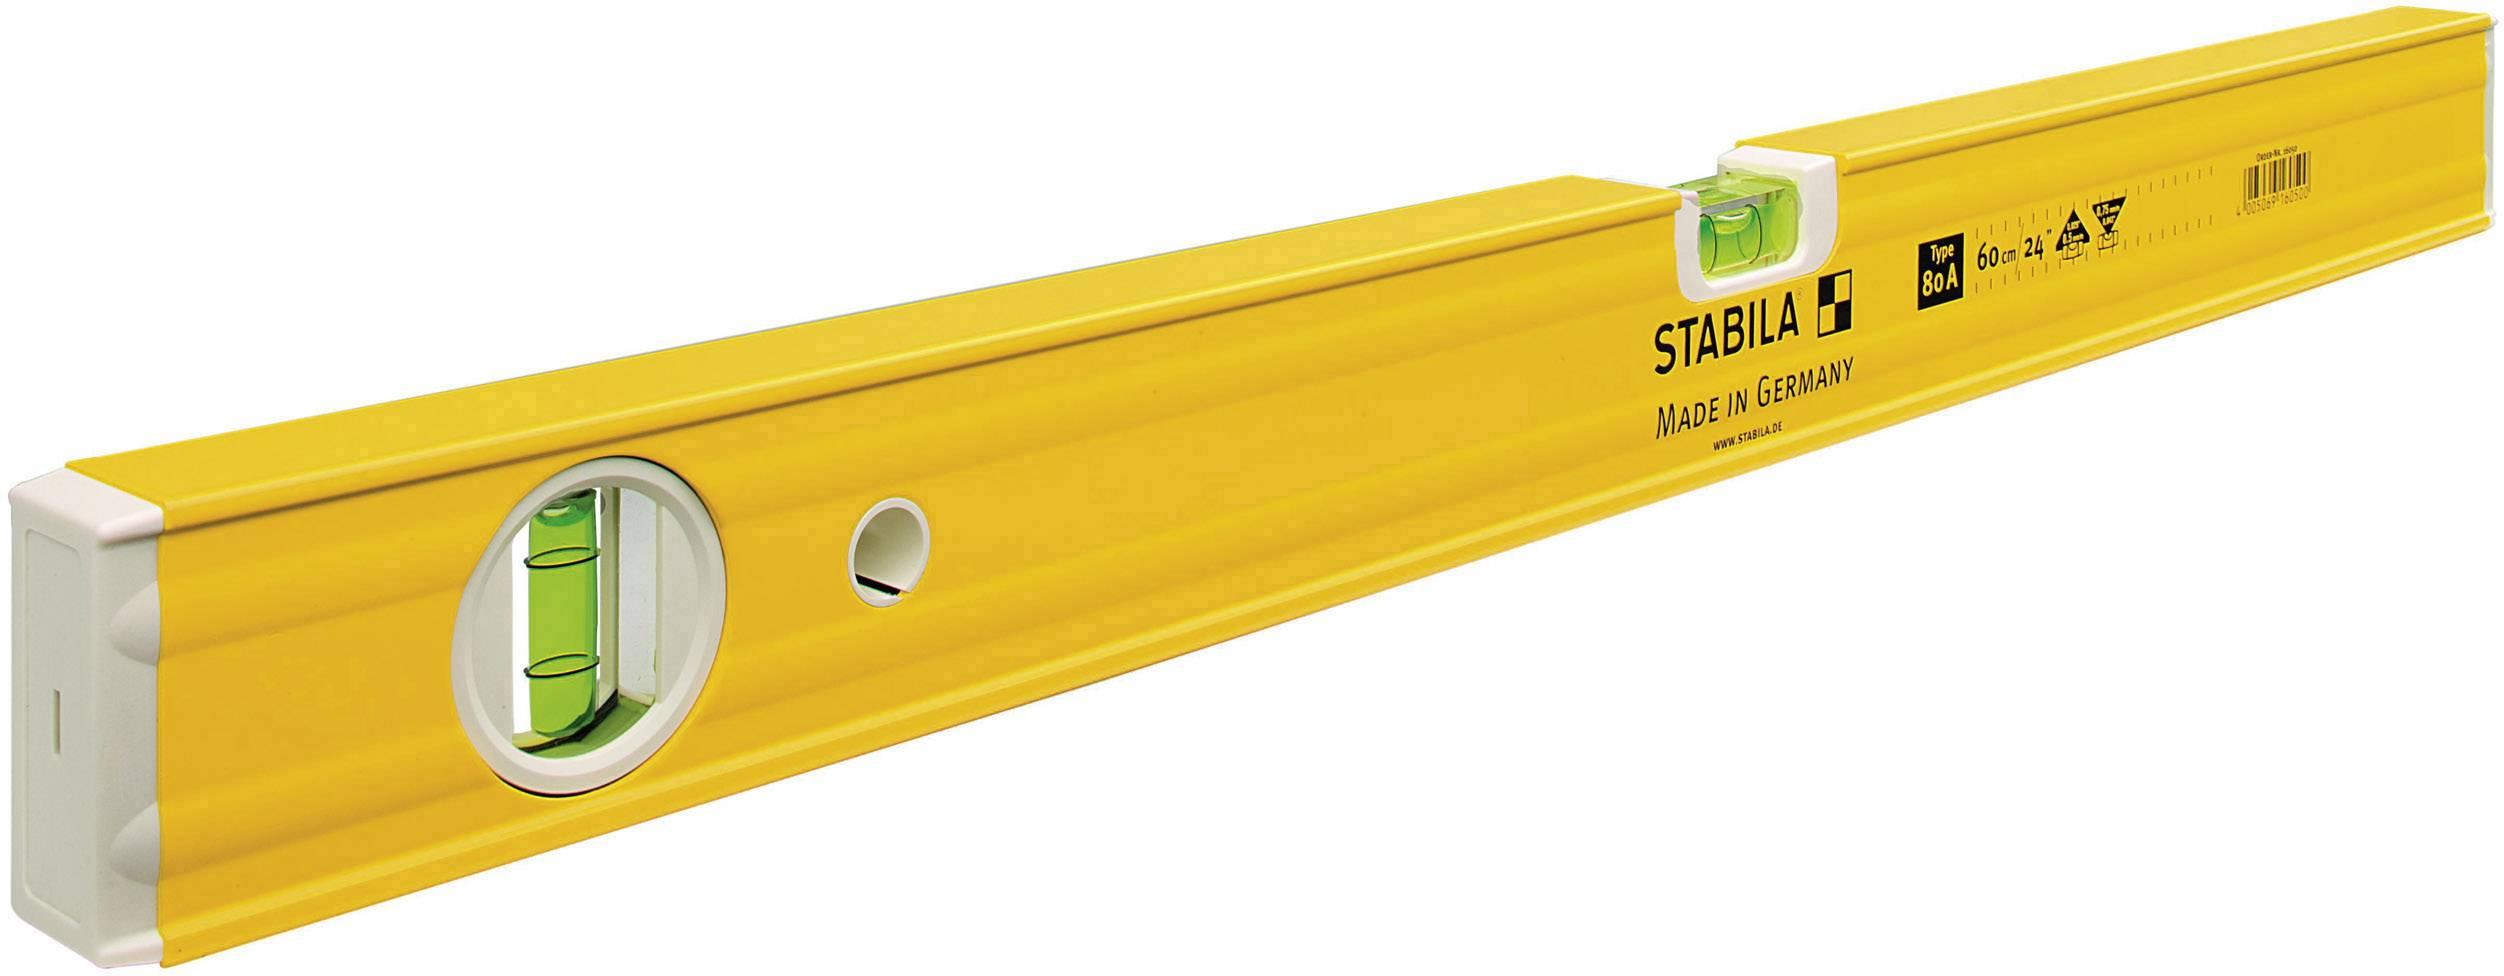 Vodováha Stabila 80 A, 600 mm, 16050